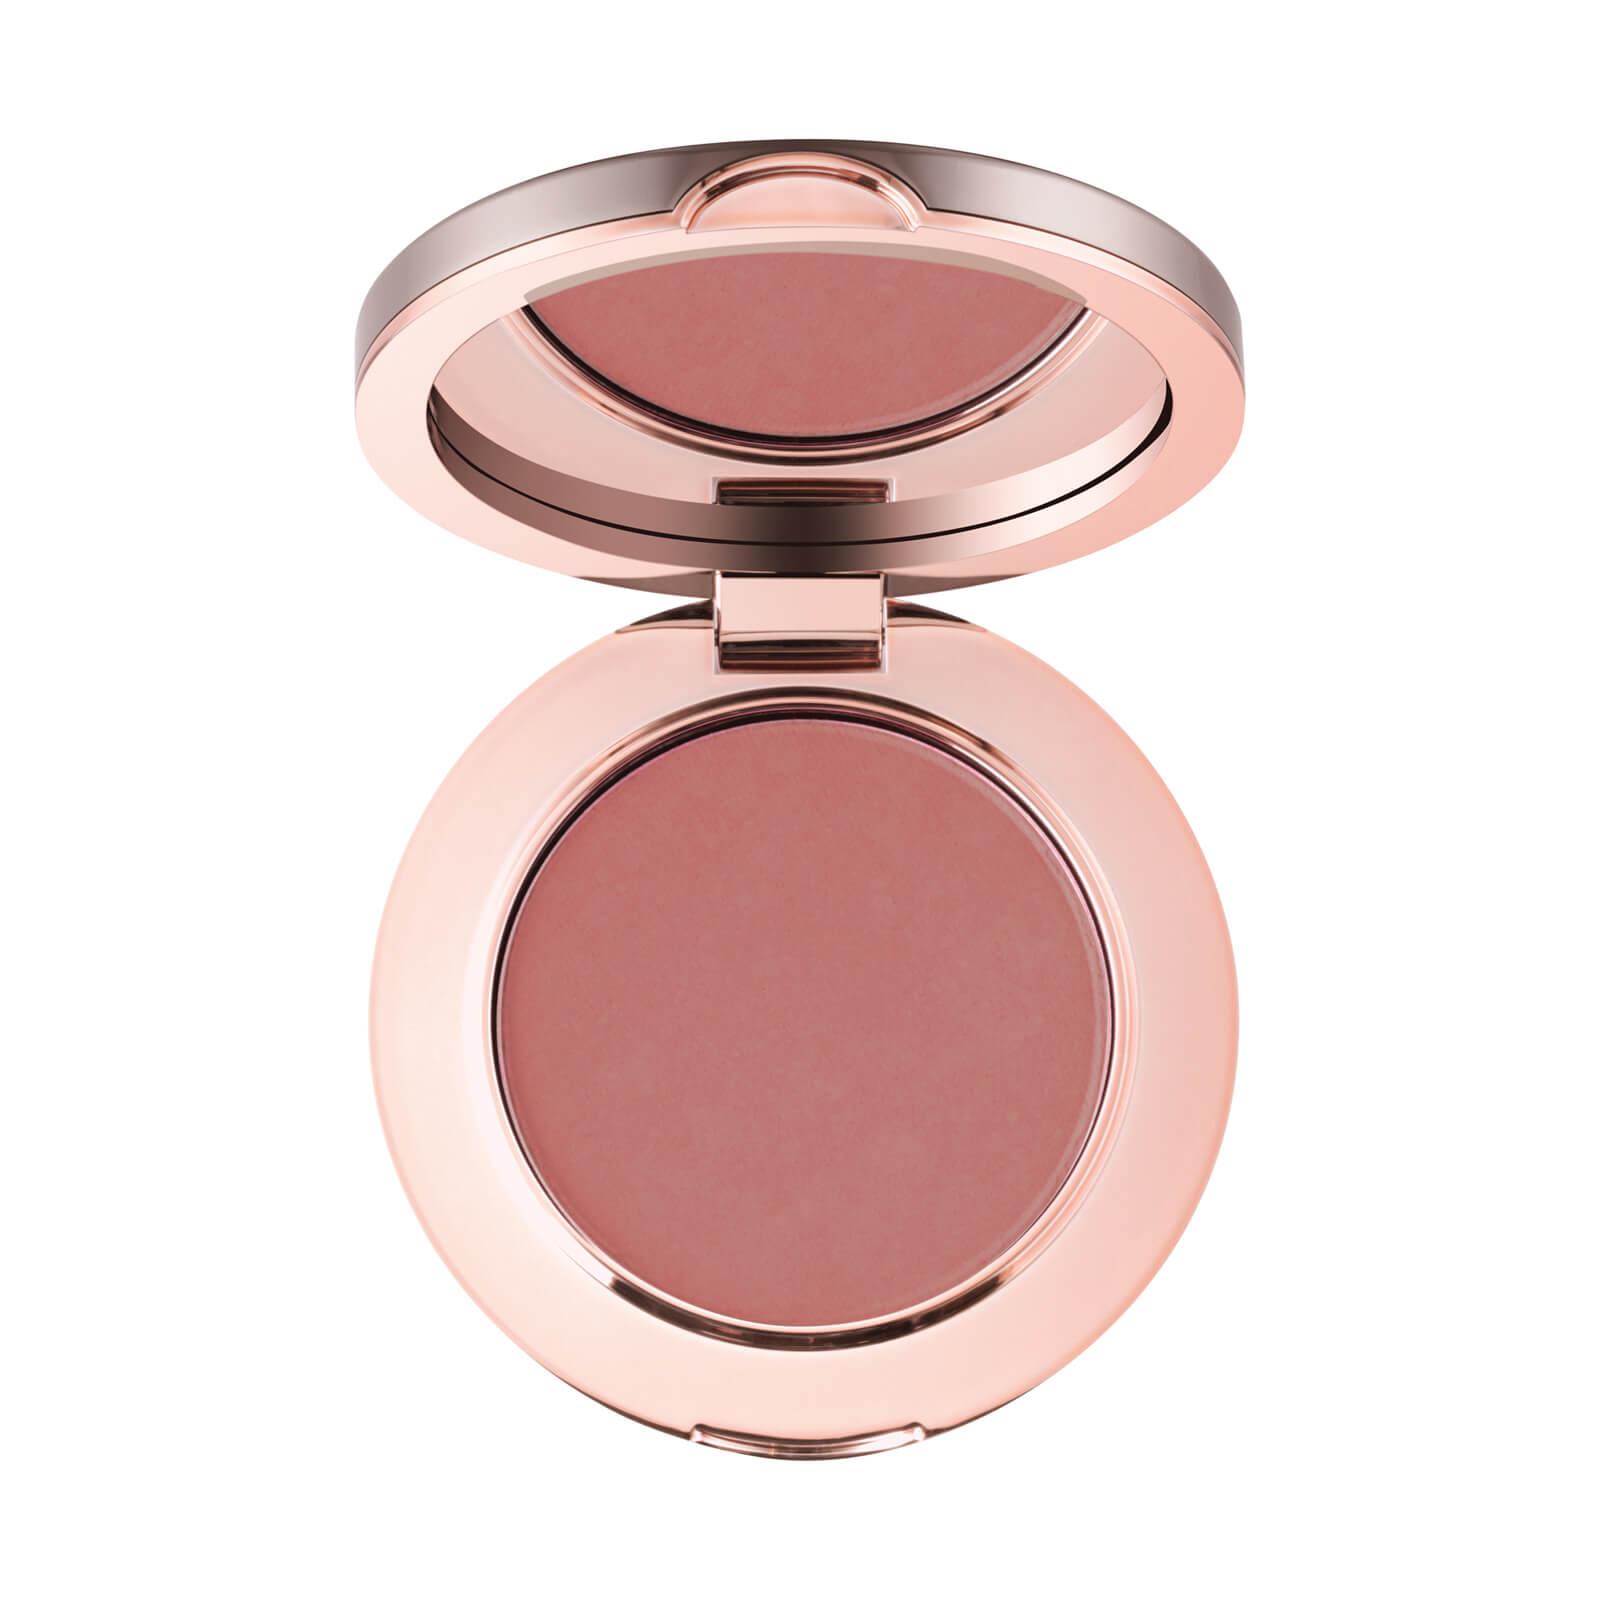 Купить Компактные пудровые румяна delilah Colour Blush Compact Powder Blusher 4 г (различные оттенки) - Dusk